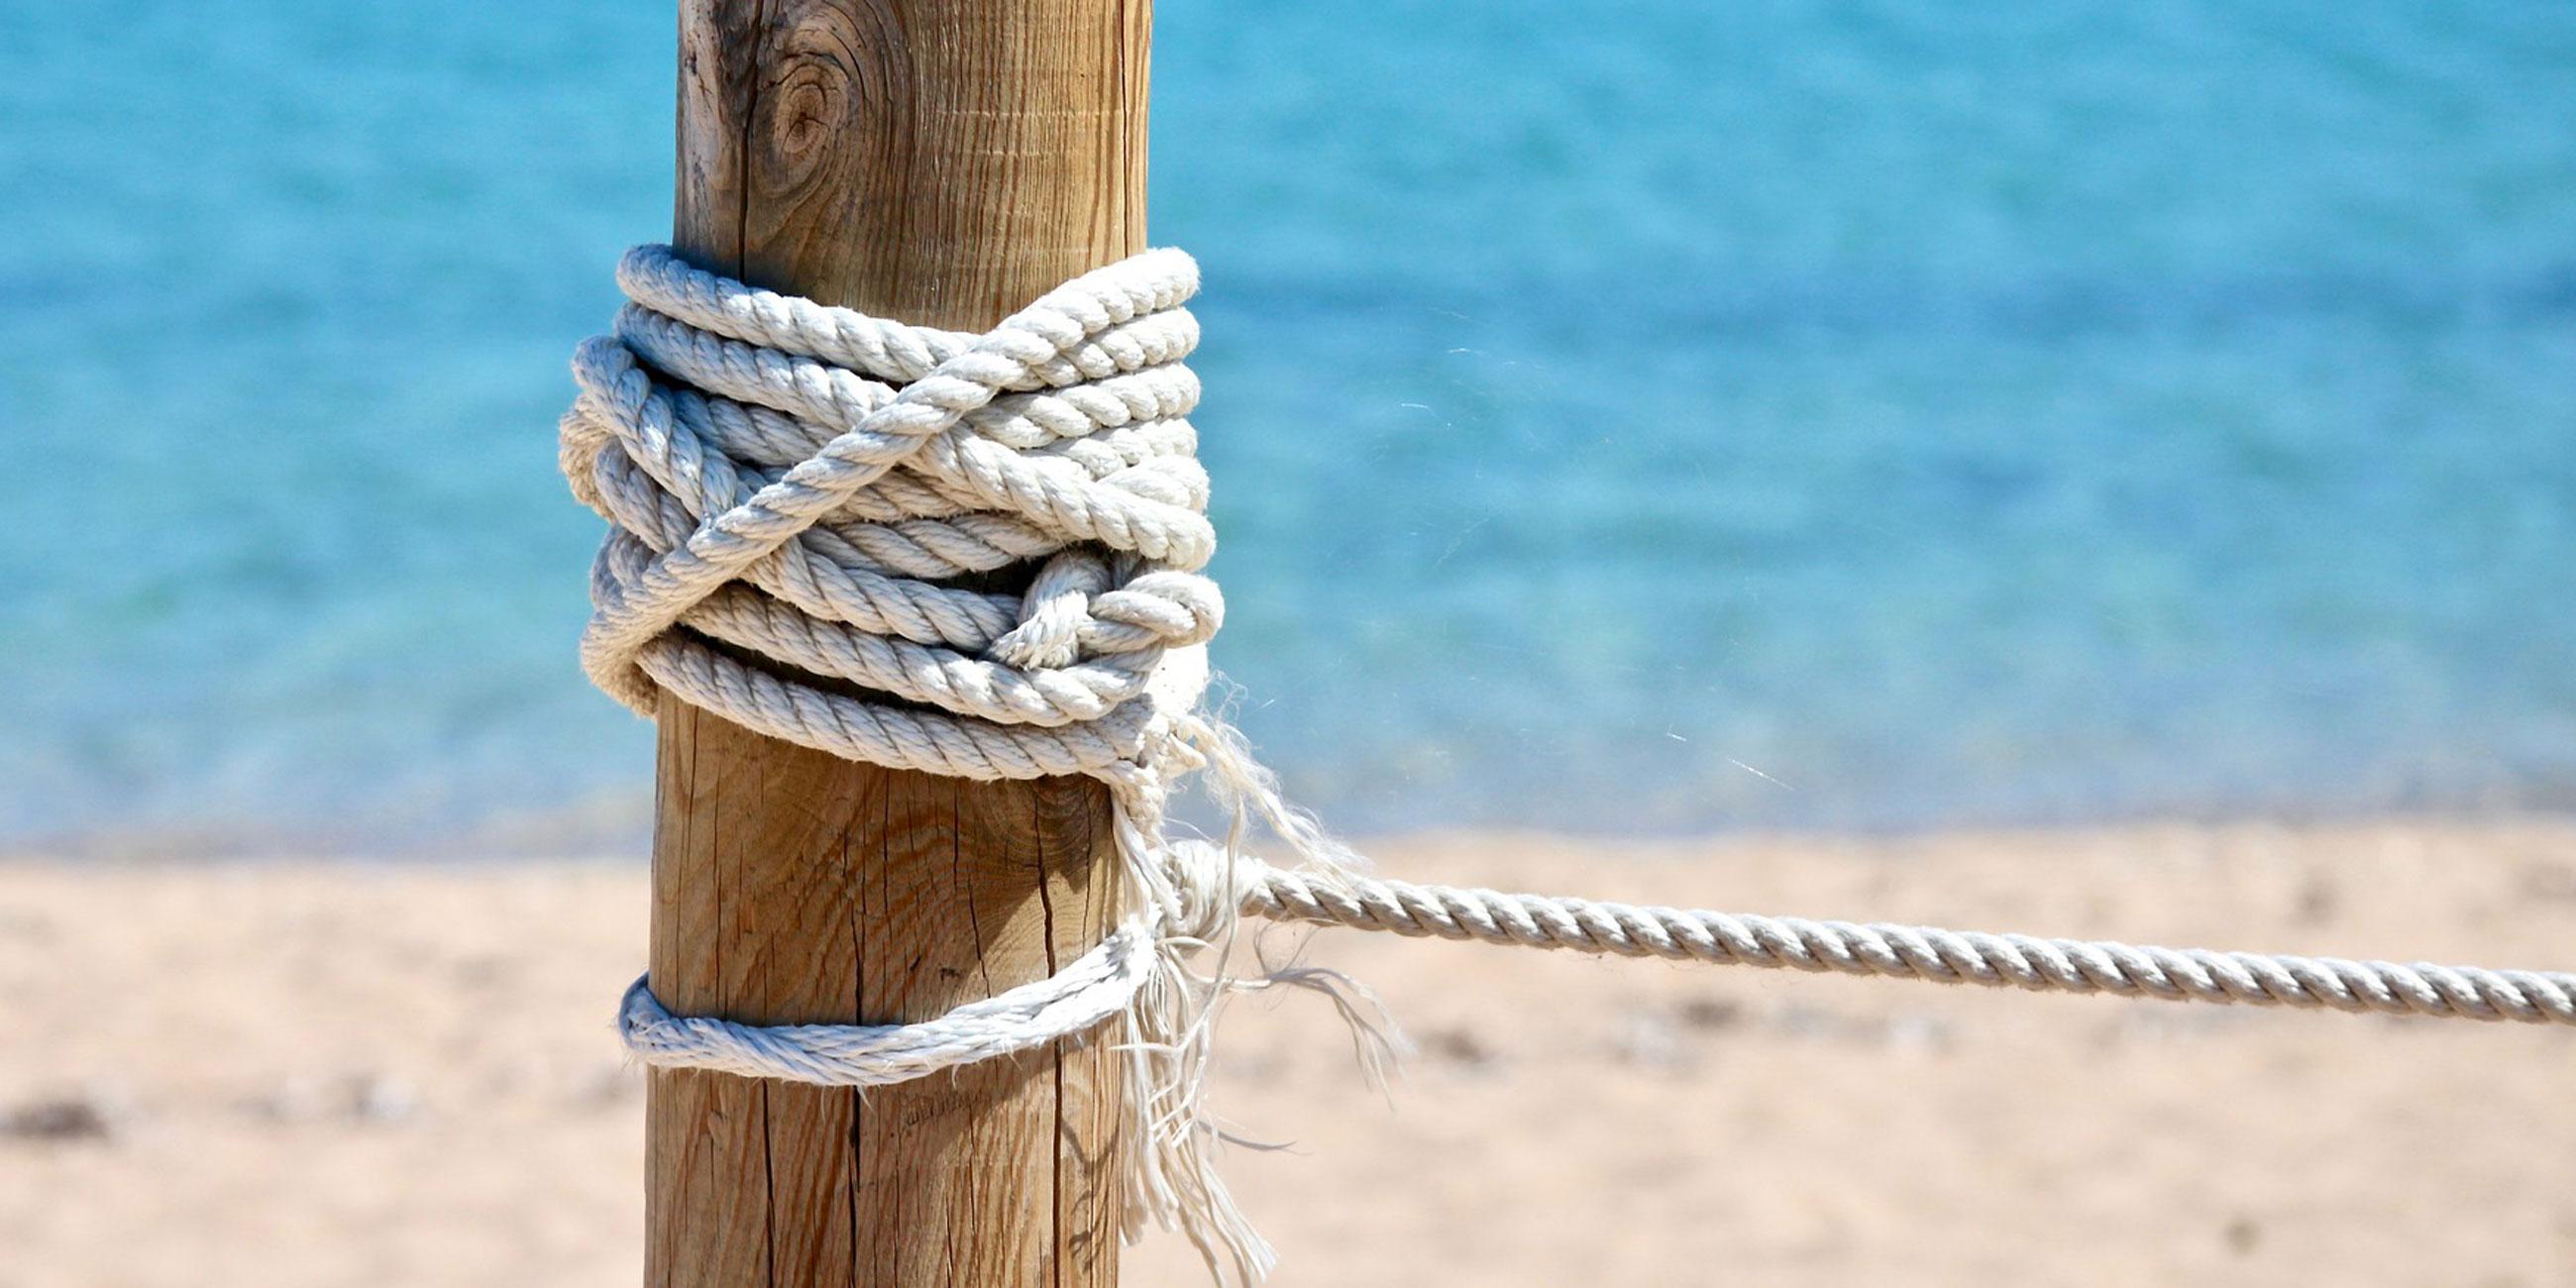 Отдыхающие любят этот пляж за чистый берег, удобный спуск к морю и ухоженную территорию